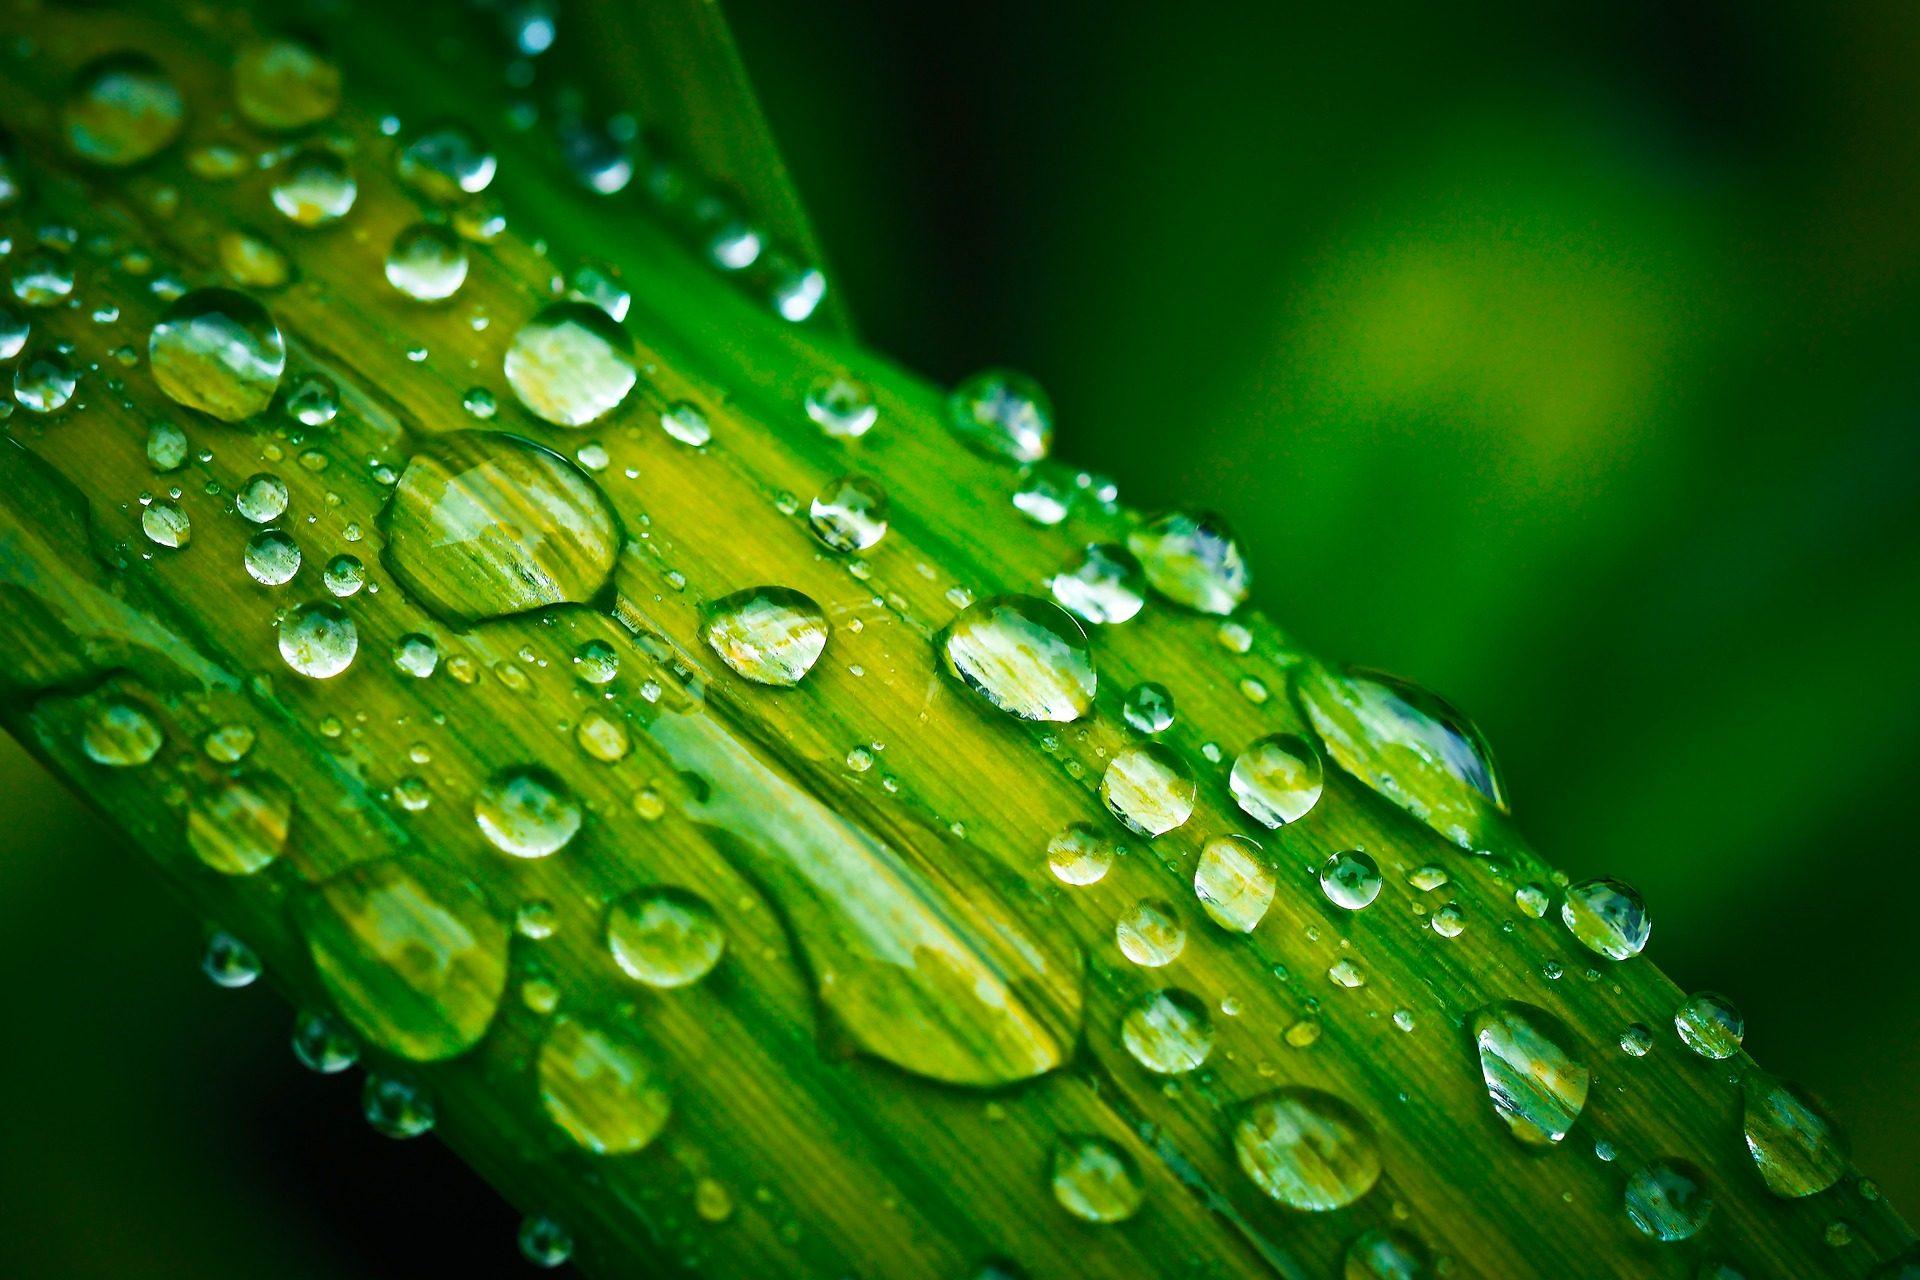 ισόγειο, φύλλο, σταγόνες, Rocio, νερό, βροχή - Wallpapers HD - Professor-falken.com